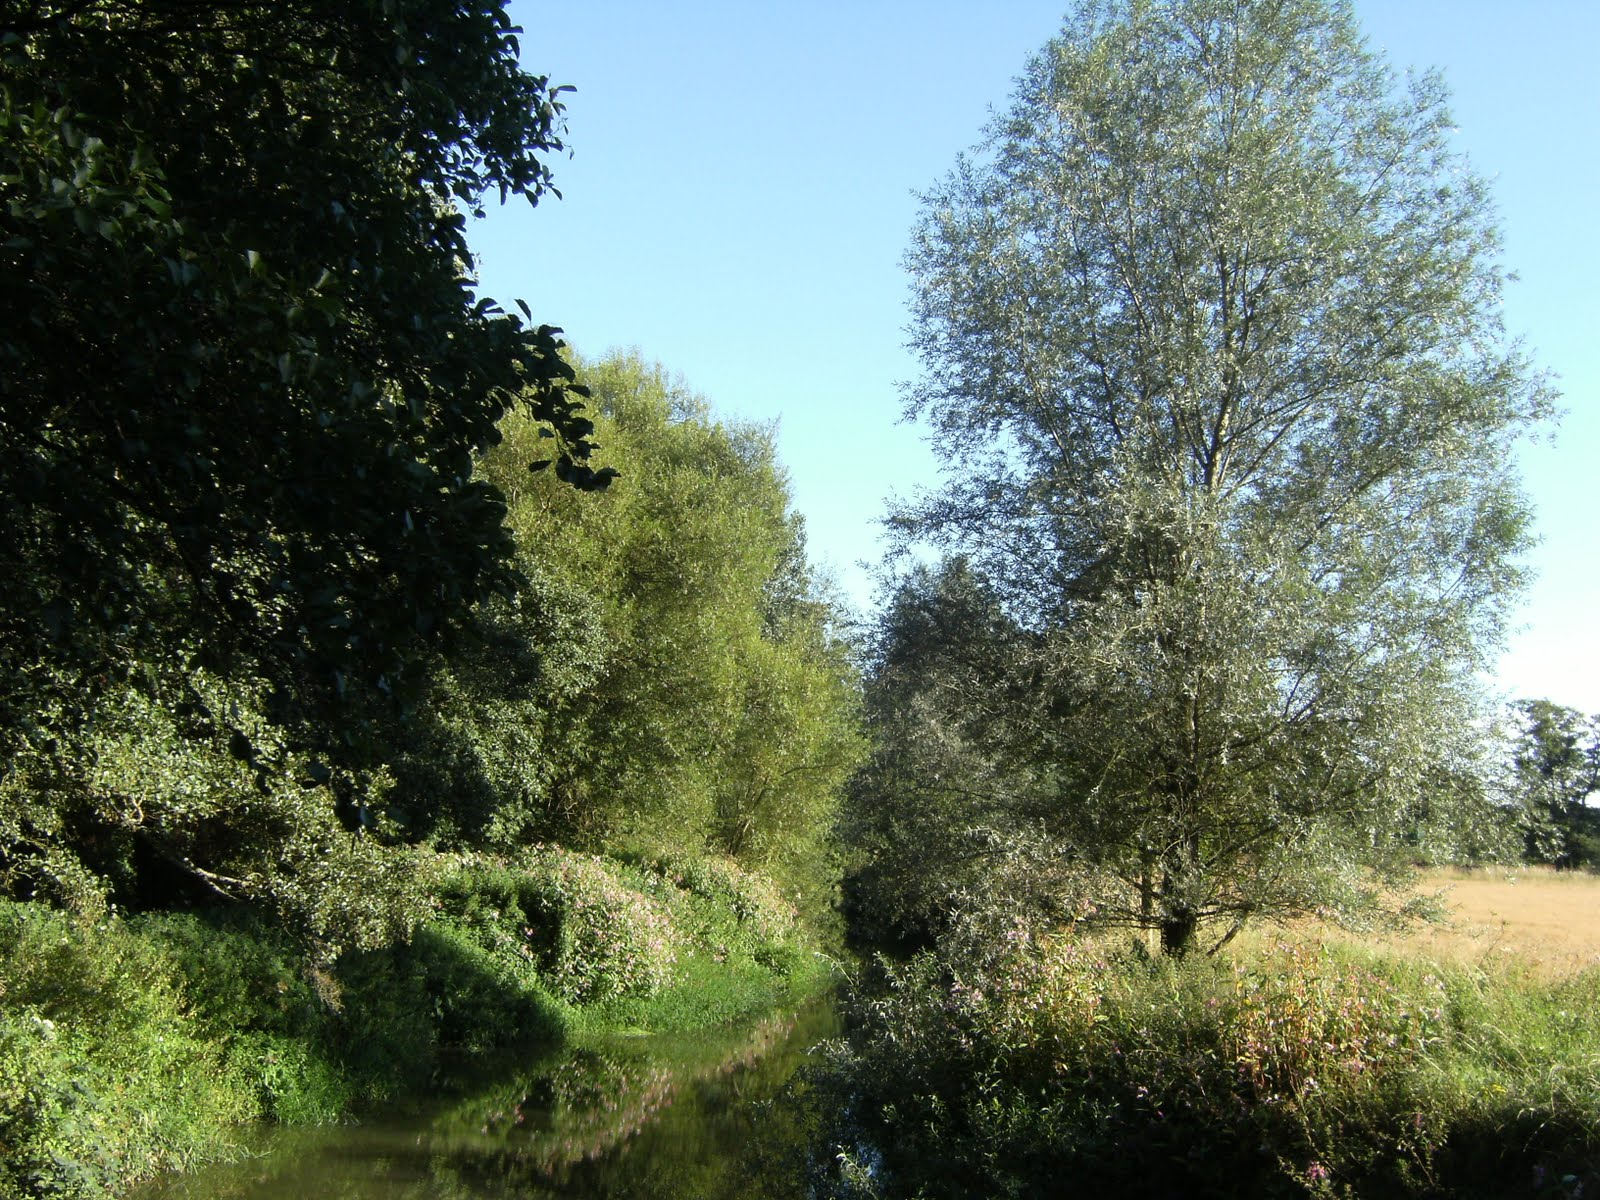 DSCF9324 River Medway at Ashurst